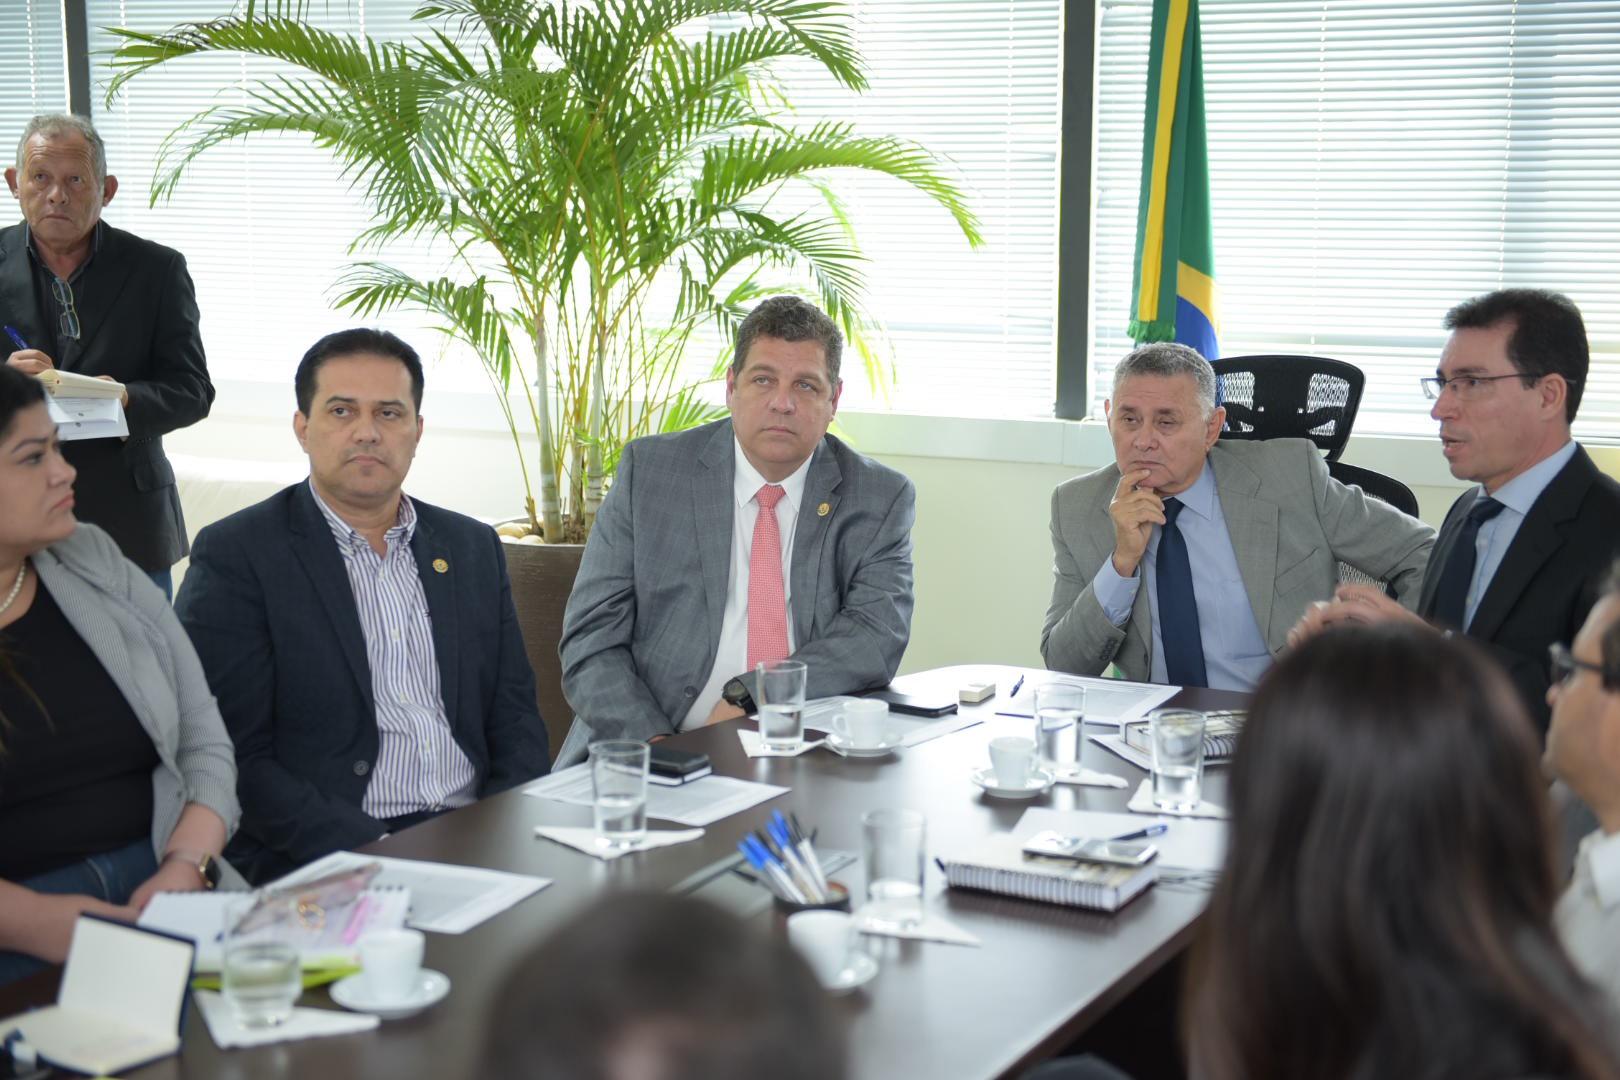 Governo e Tribunal de Justiça discutem projeto de instalação de sistema de videoconferência